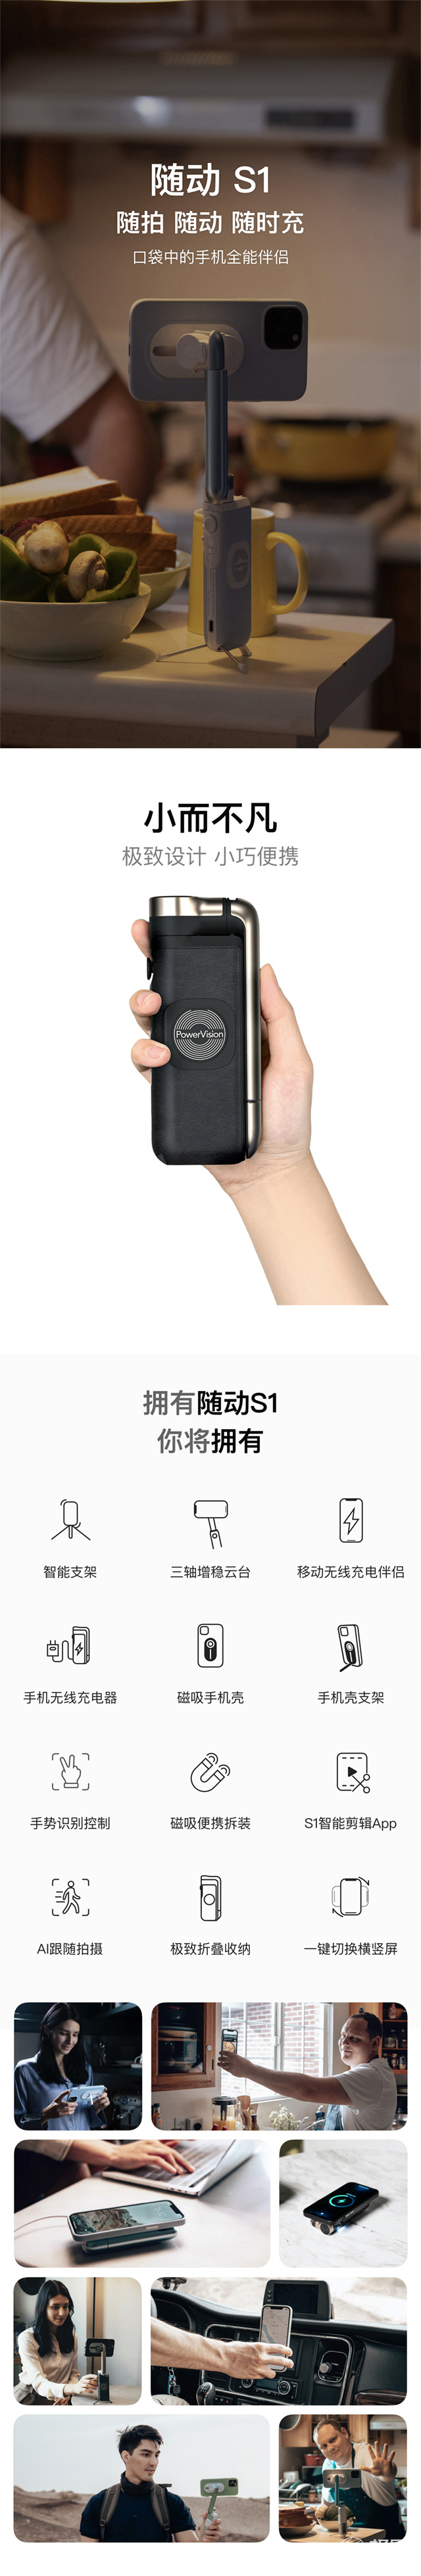 臻迪S1随动手机智能魔盒